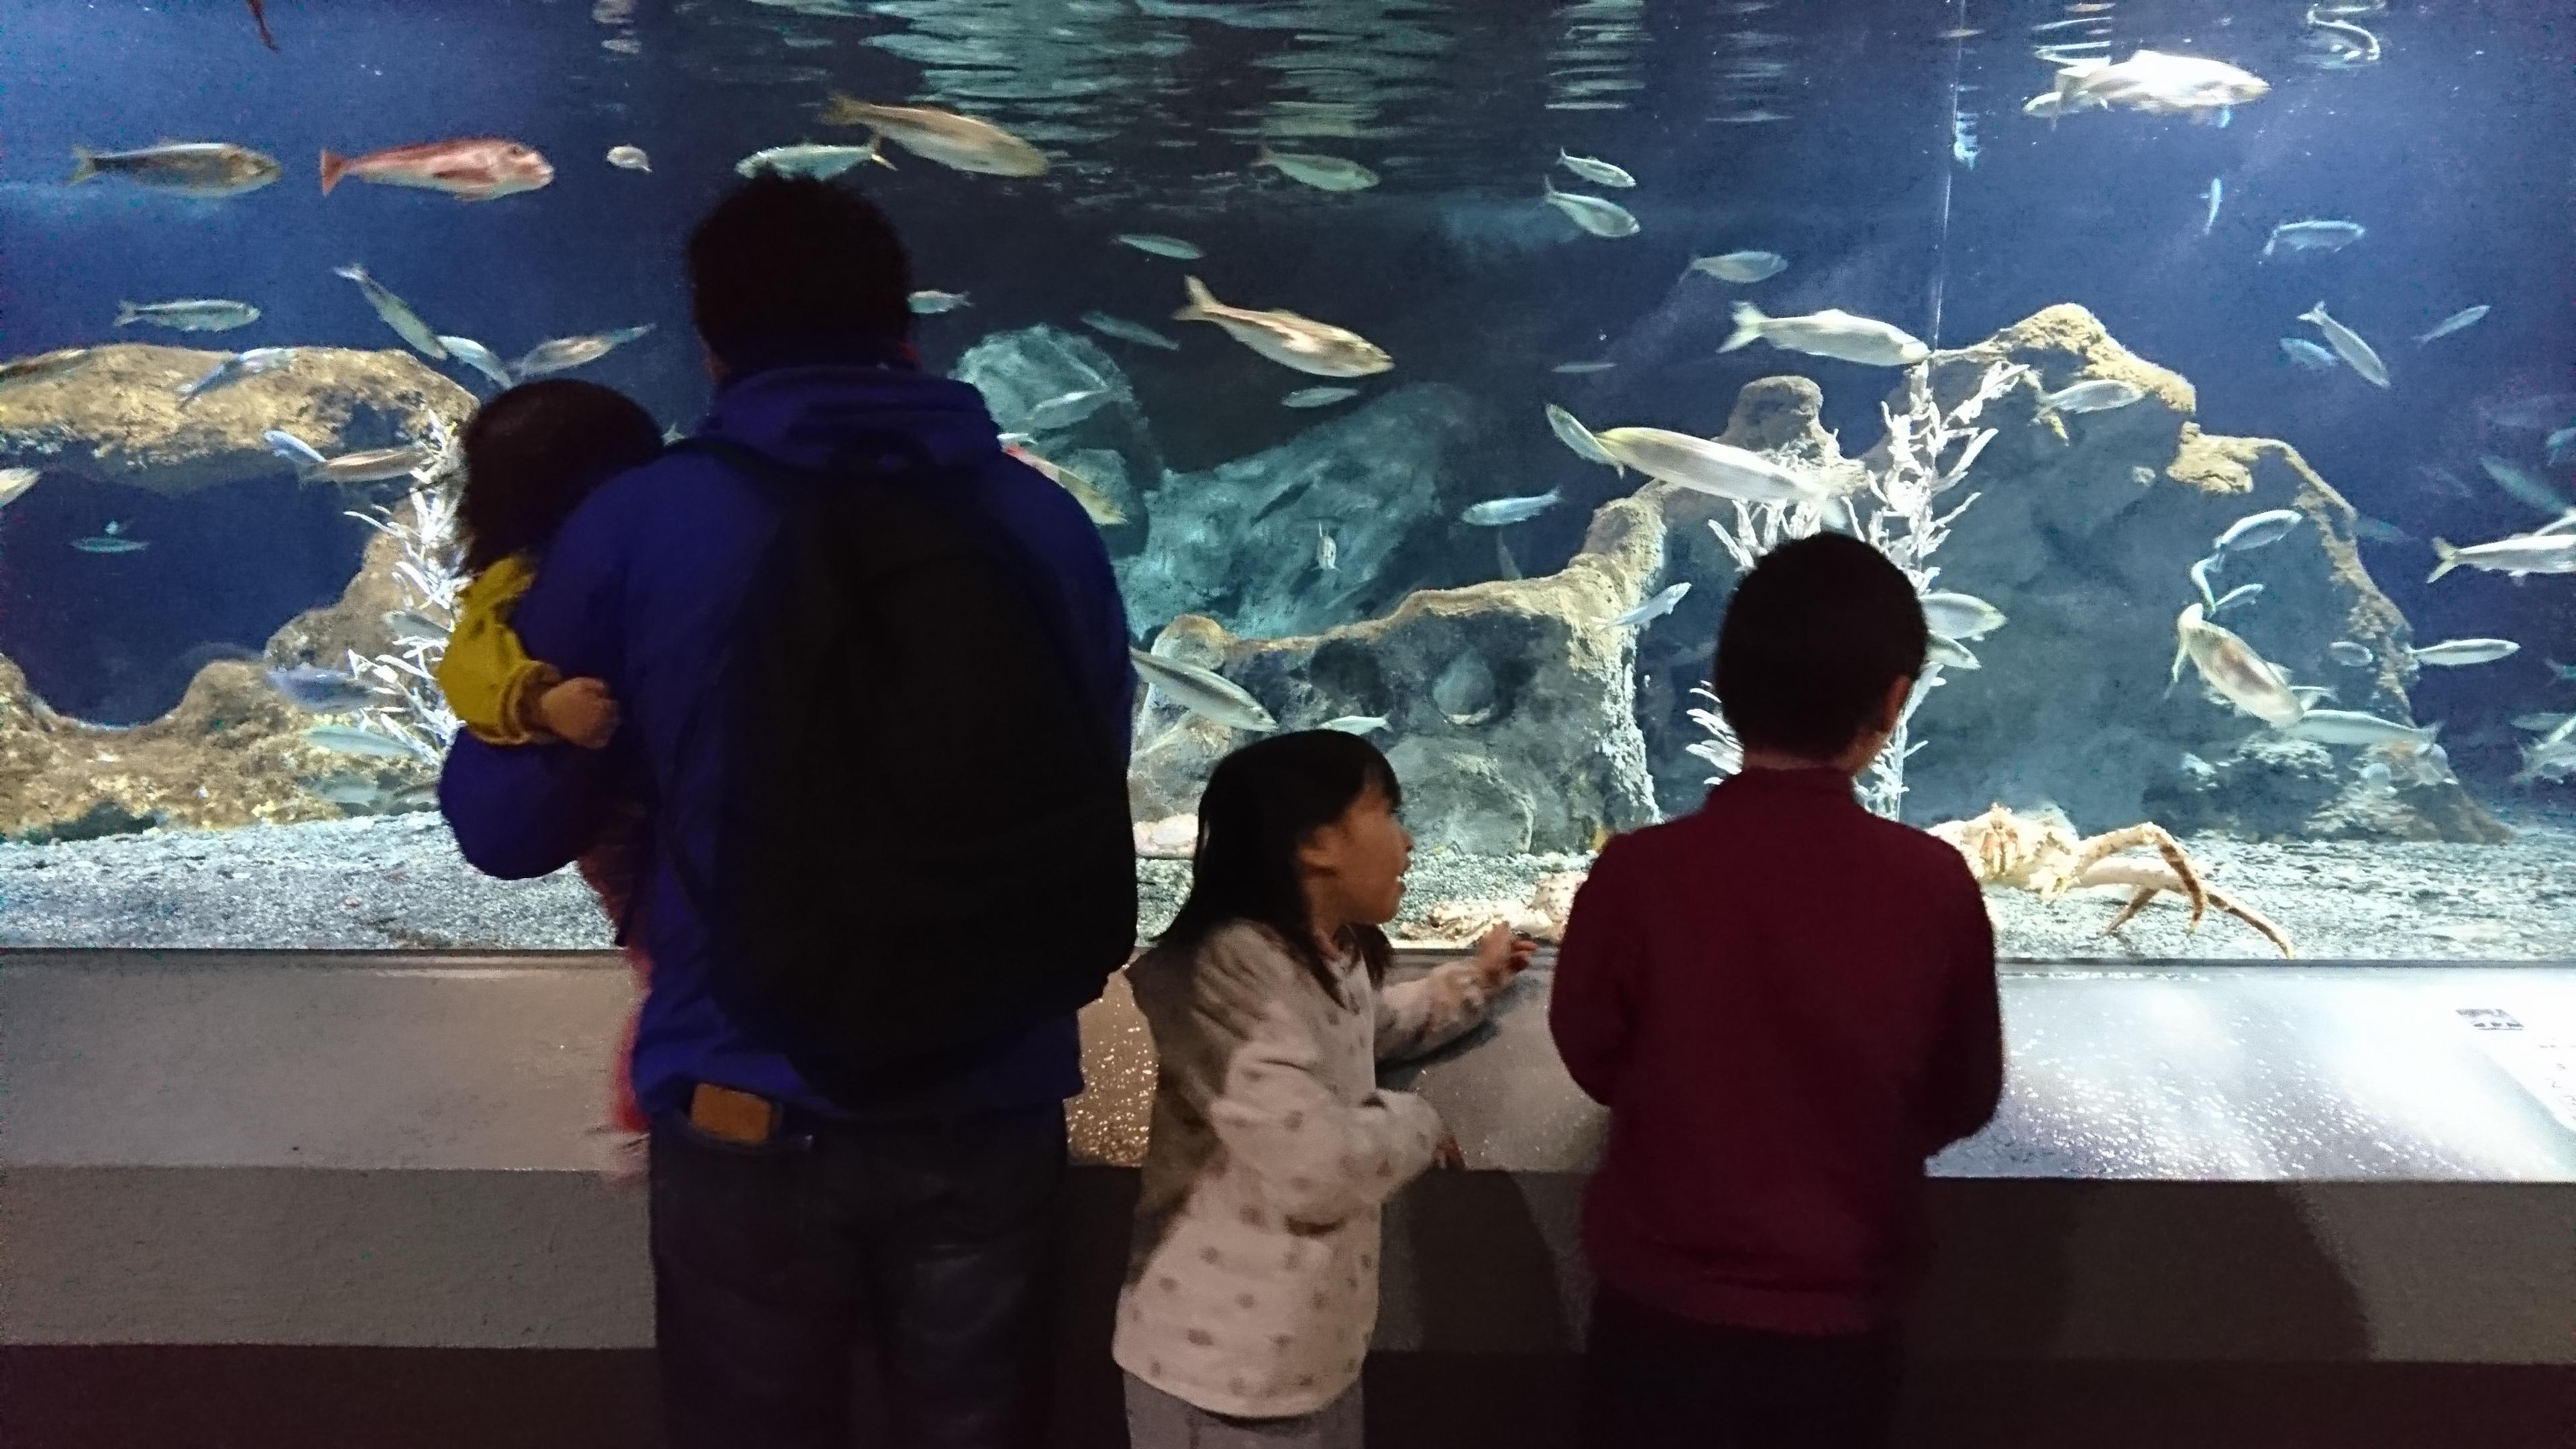 ゴールデンウィークの思い出 おたる水族館